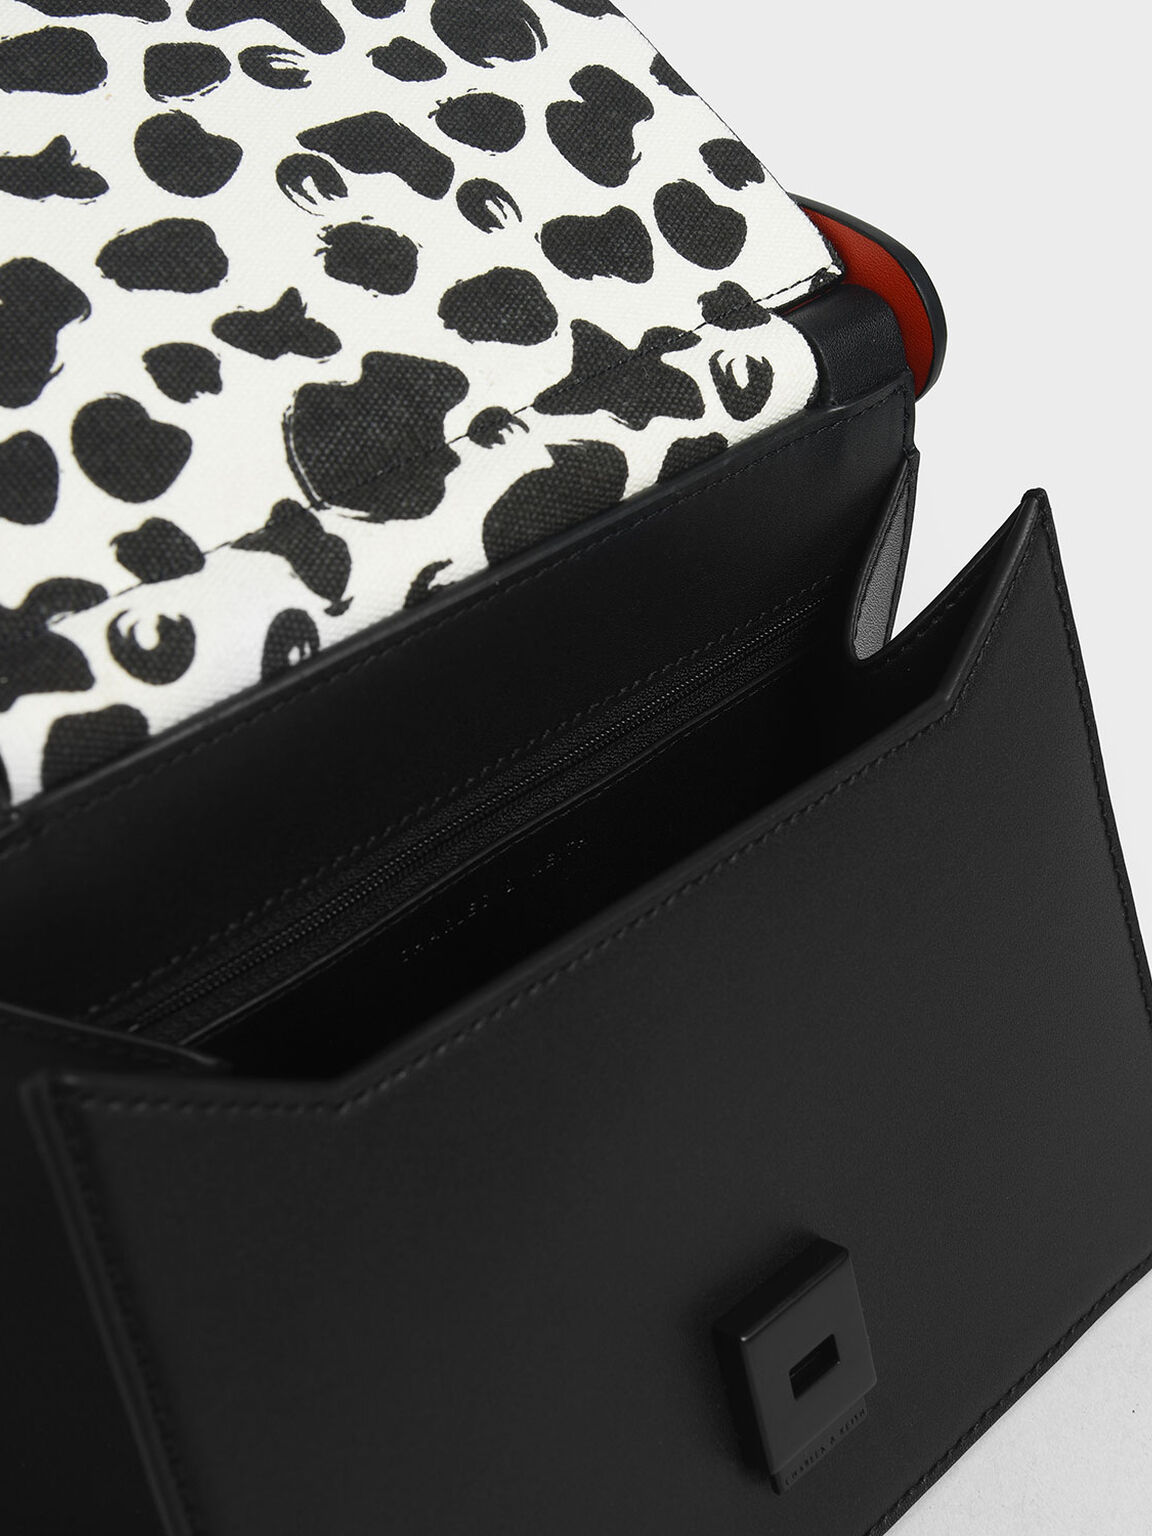 Cow Print Sculptural Bag, Multi, hi-res